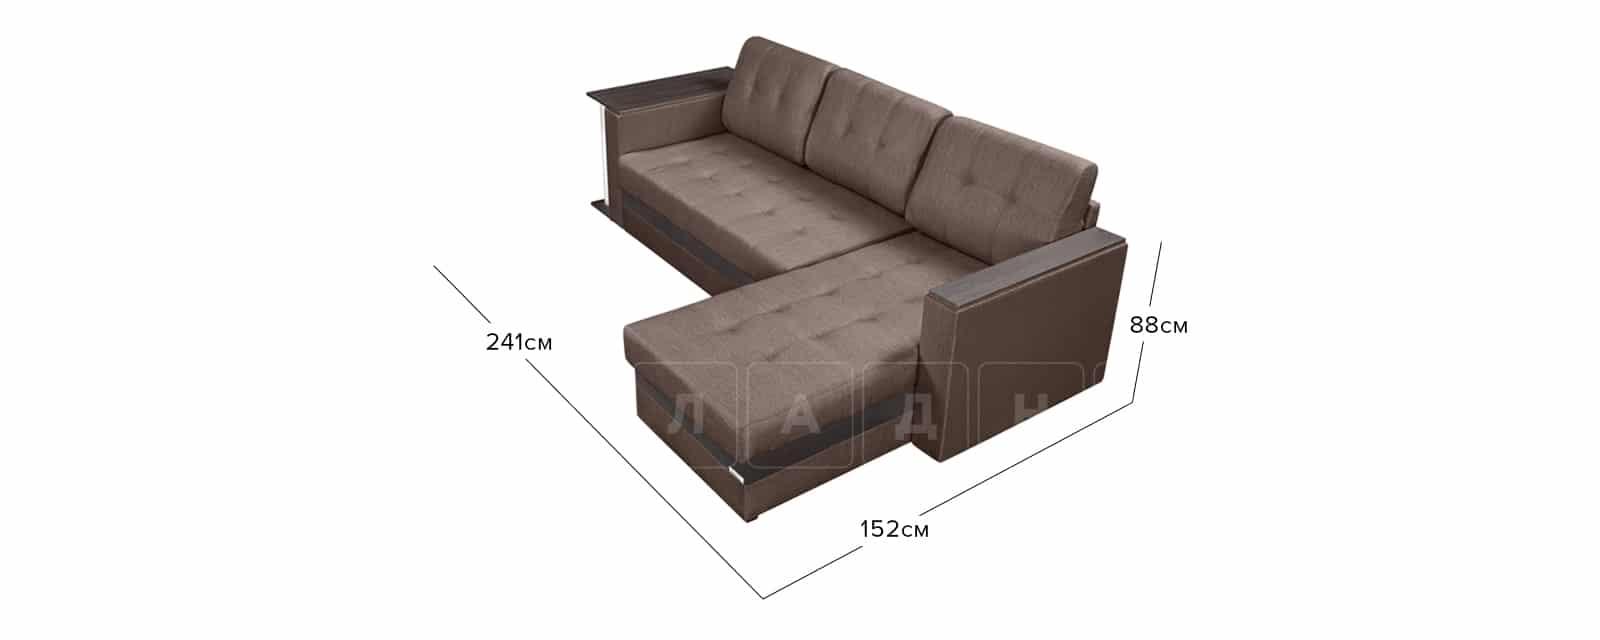 Угловой диван Атланта рогожка коричневого цвета фото 10 | интернет-магазин Складно